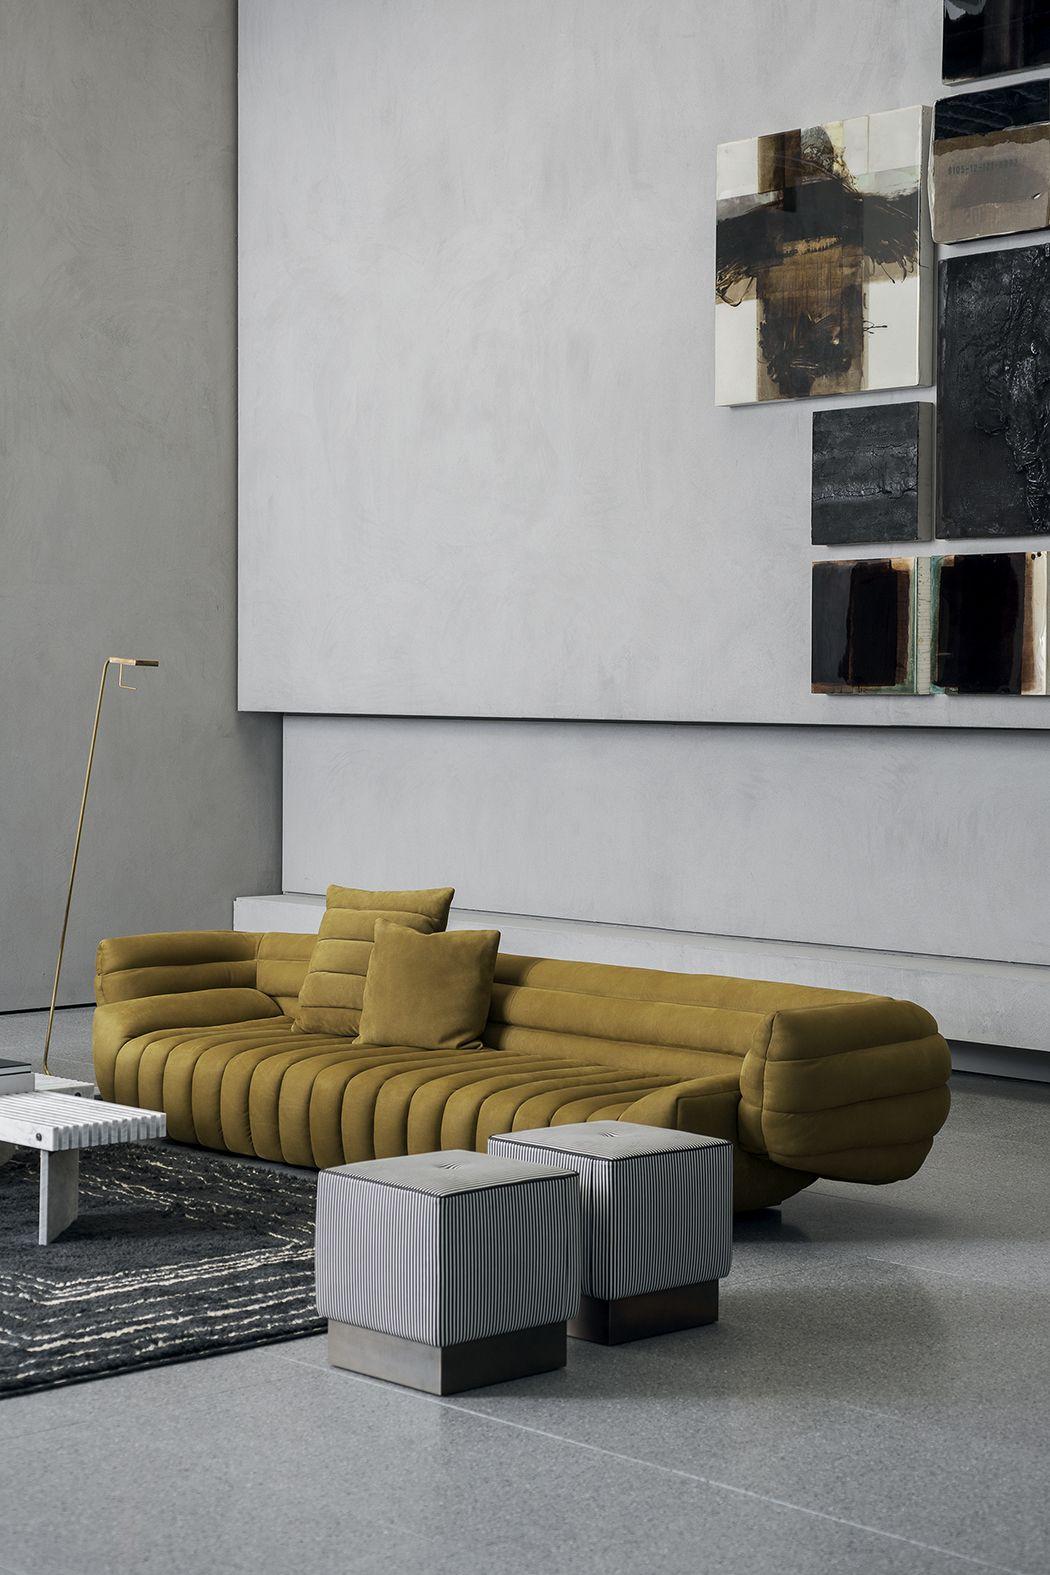 Pouf Design Pelle.Pouf Anais Design Draga Aurel Texture Day Thick Line